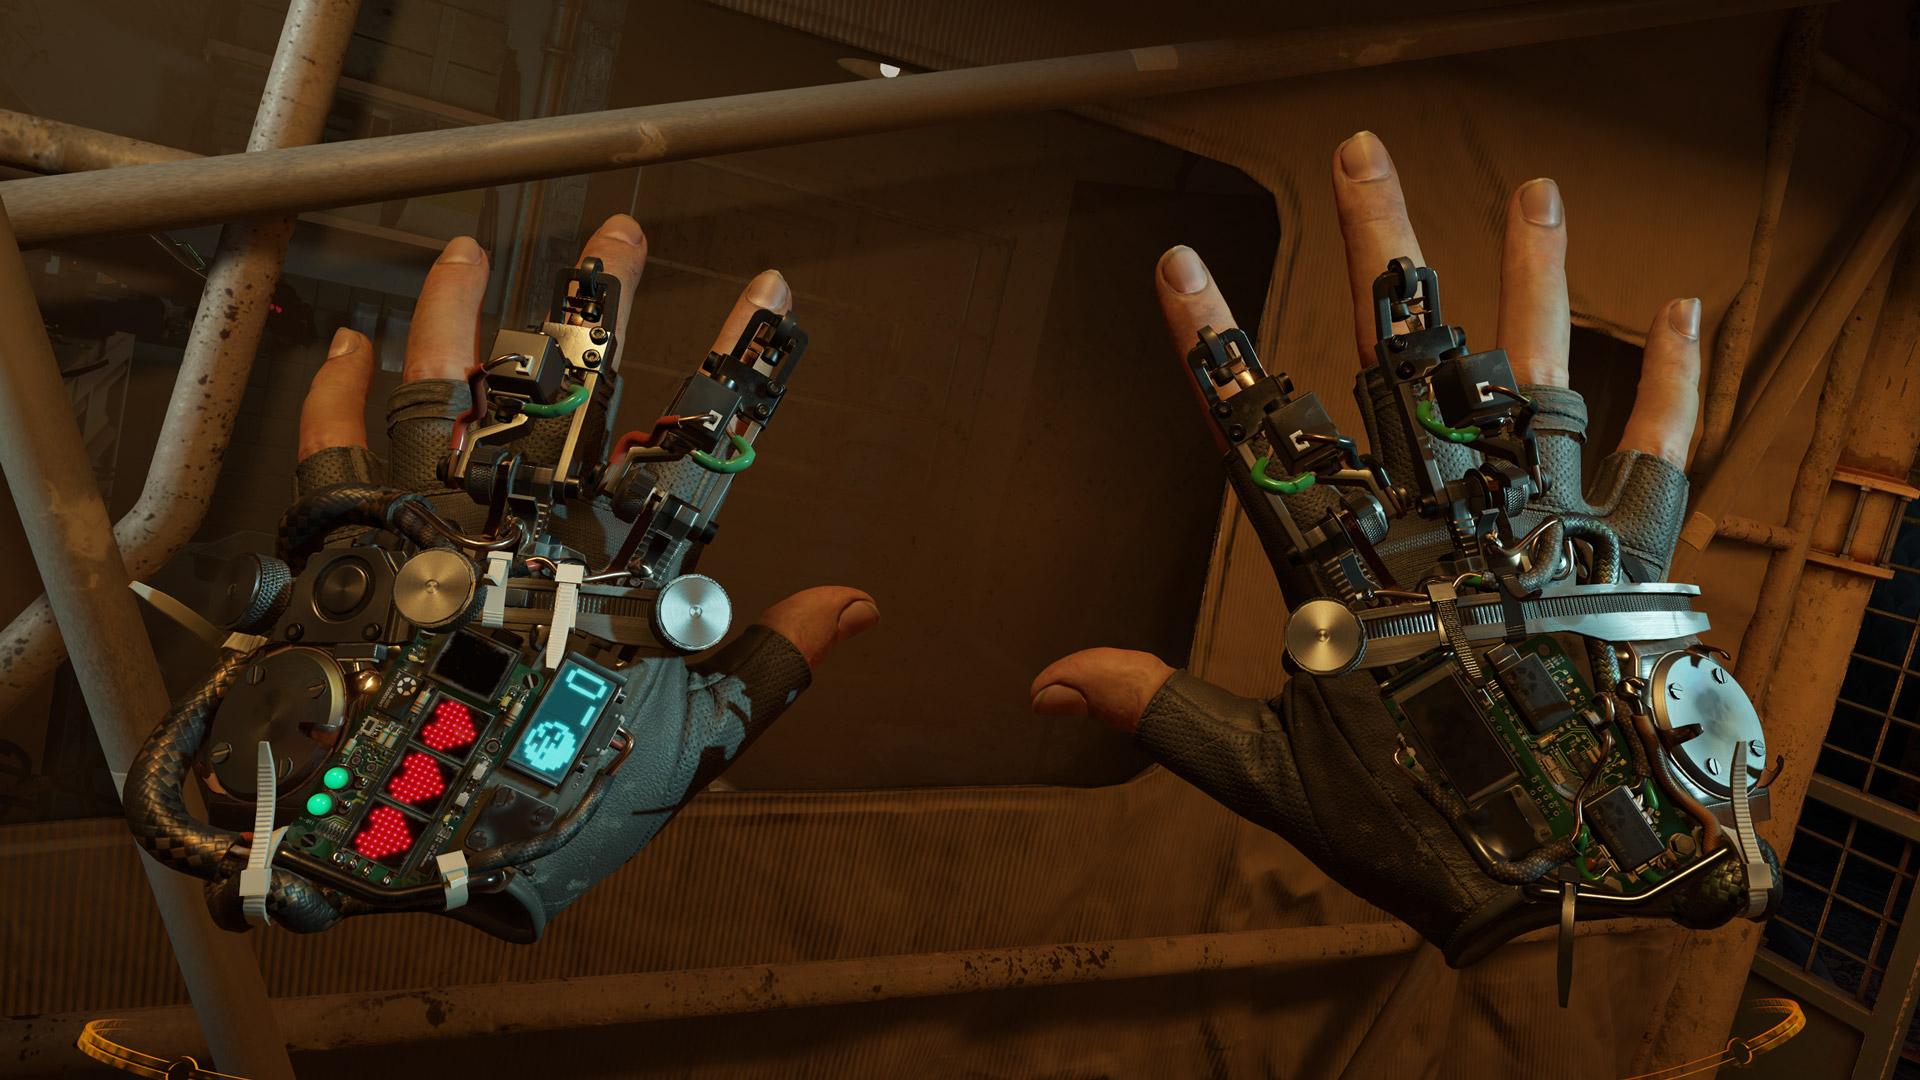 Ukazovateľ života nájdeme na hráčových rukaviciach.